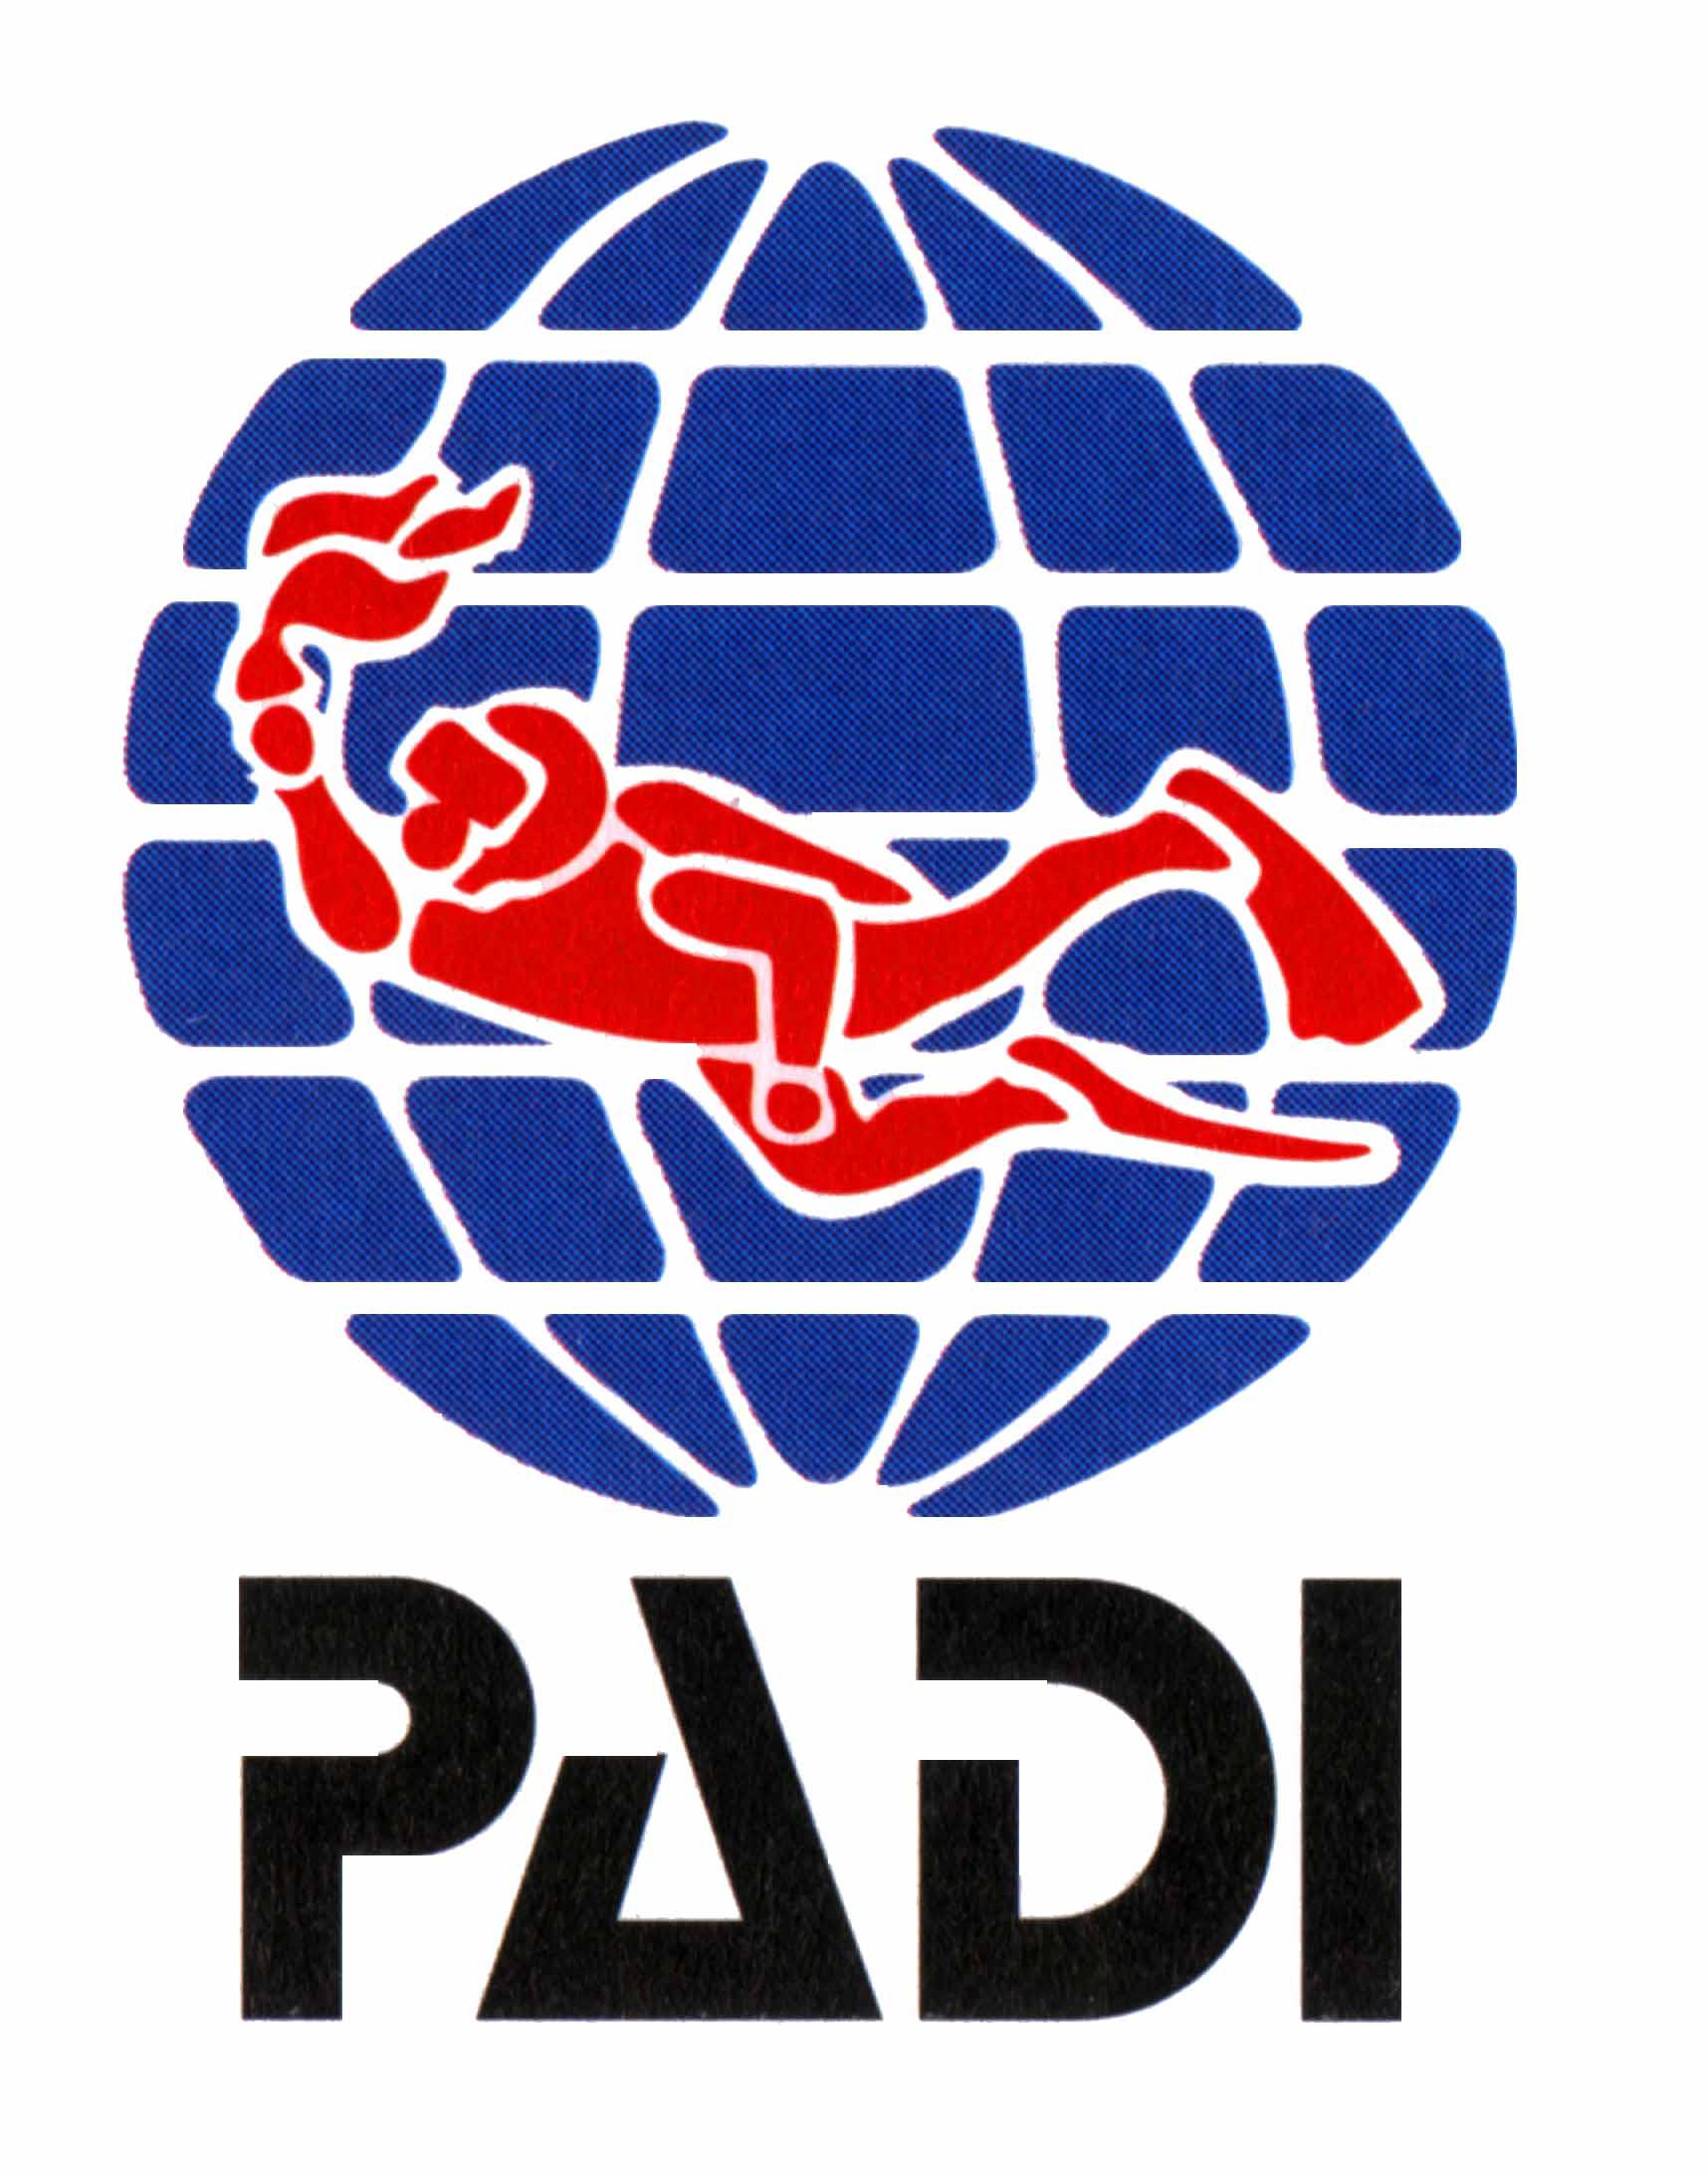 Лучшая обучающая организация 2019 по версии журнала tauchen - PADI